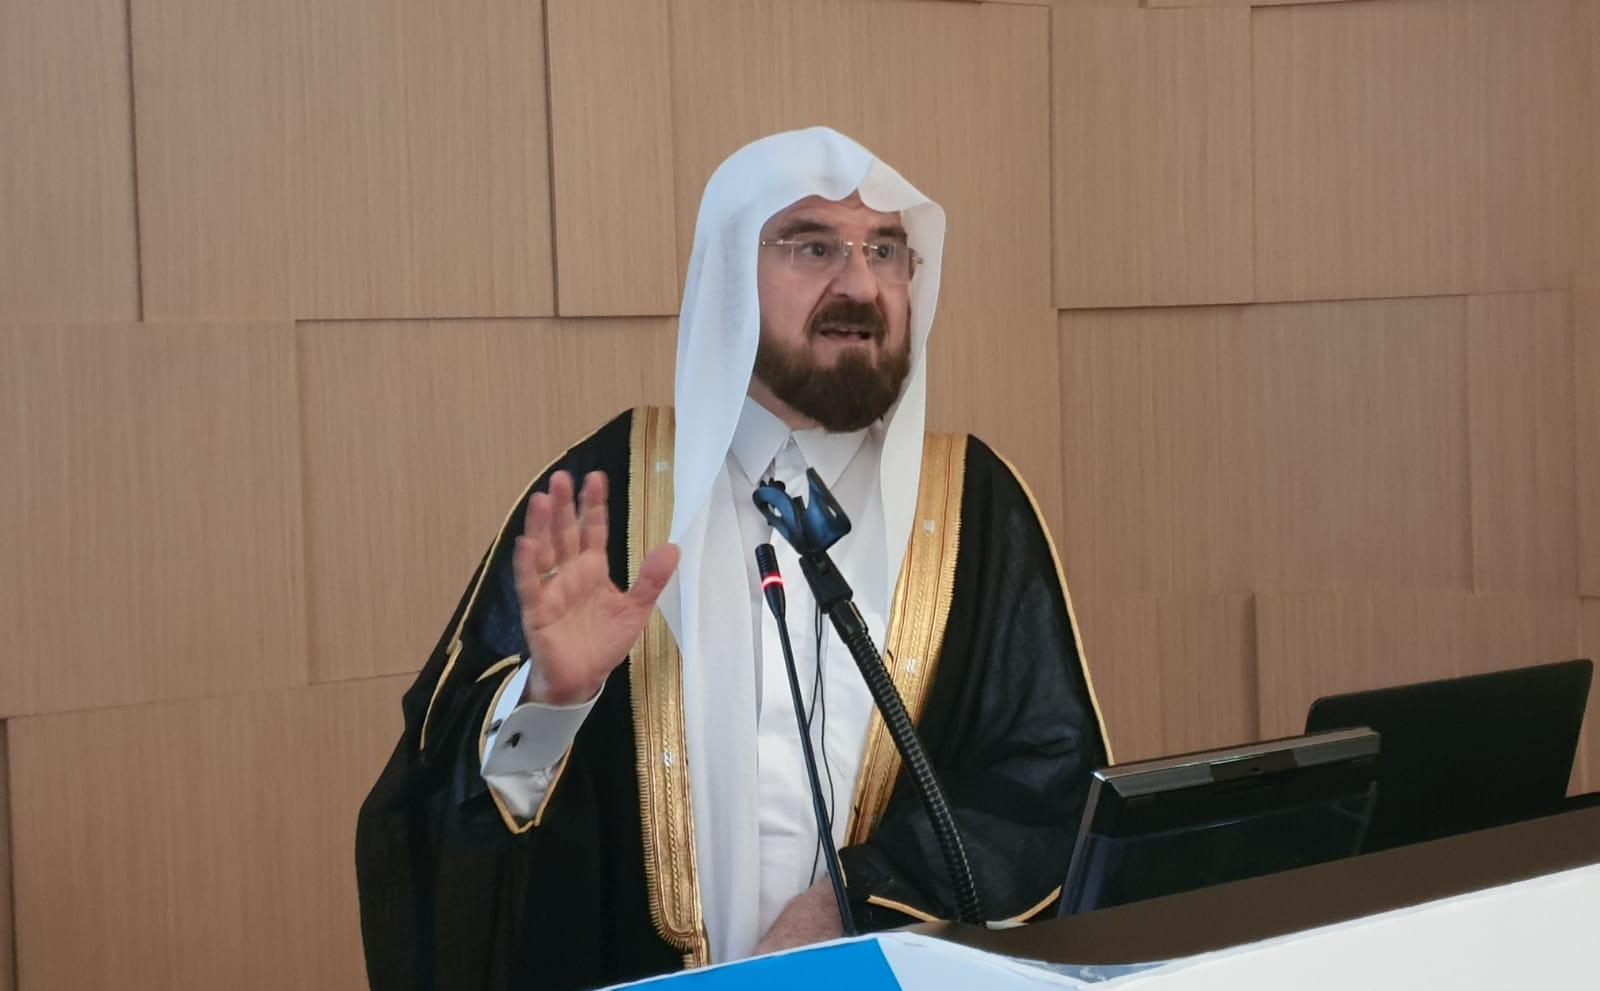 فقه اسلامی بین نصوص و میراث گذشته و معاصر